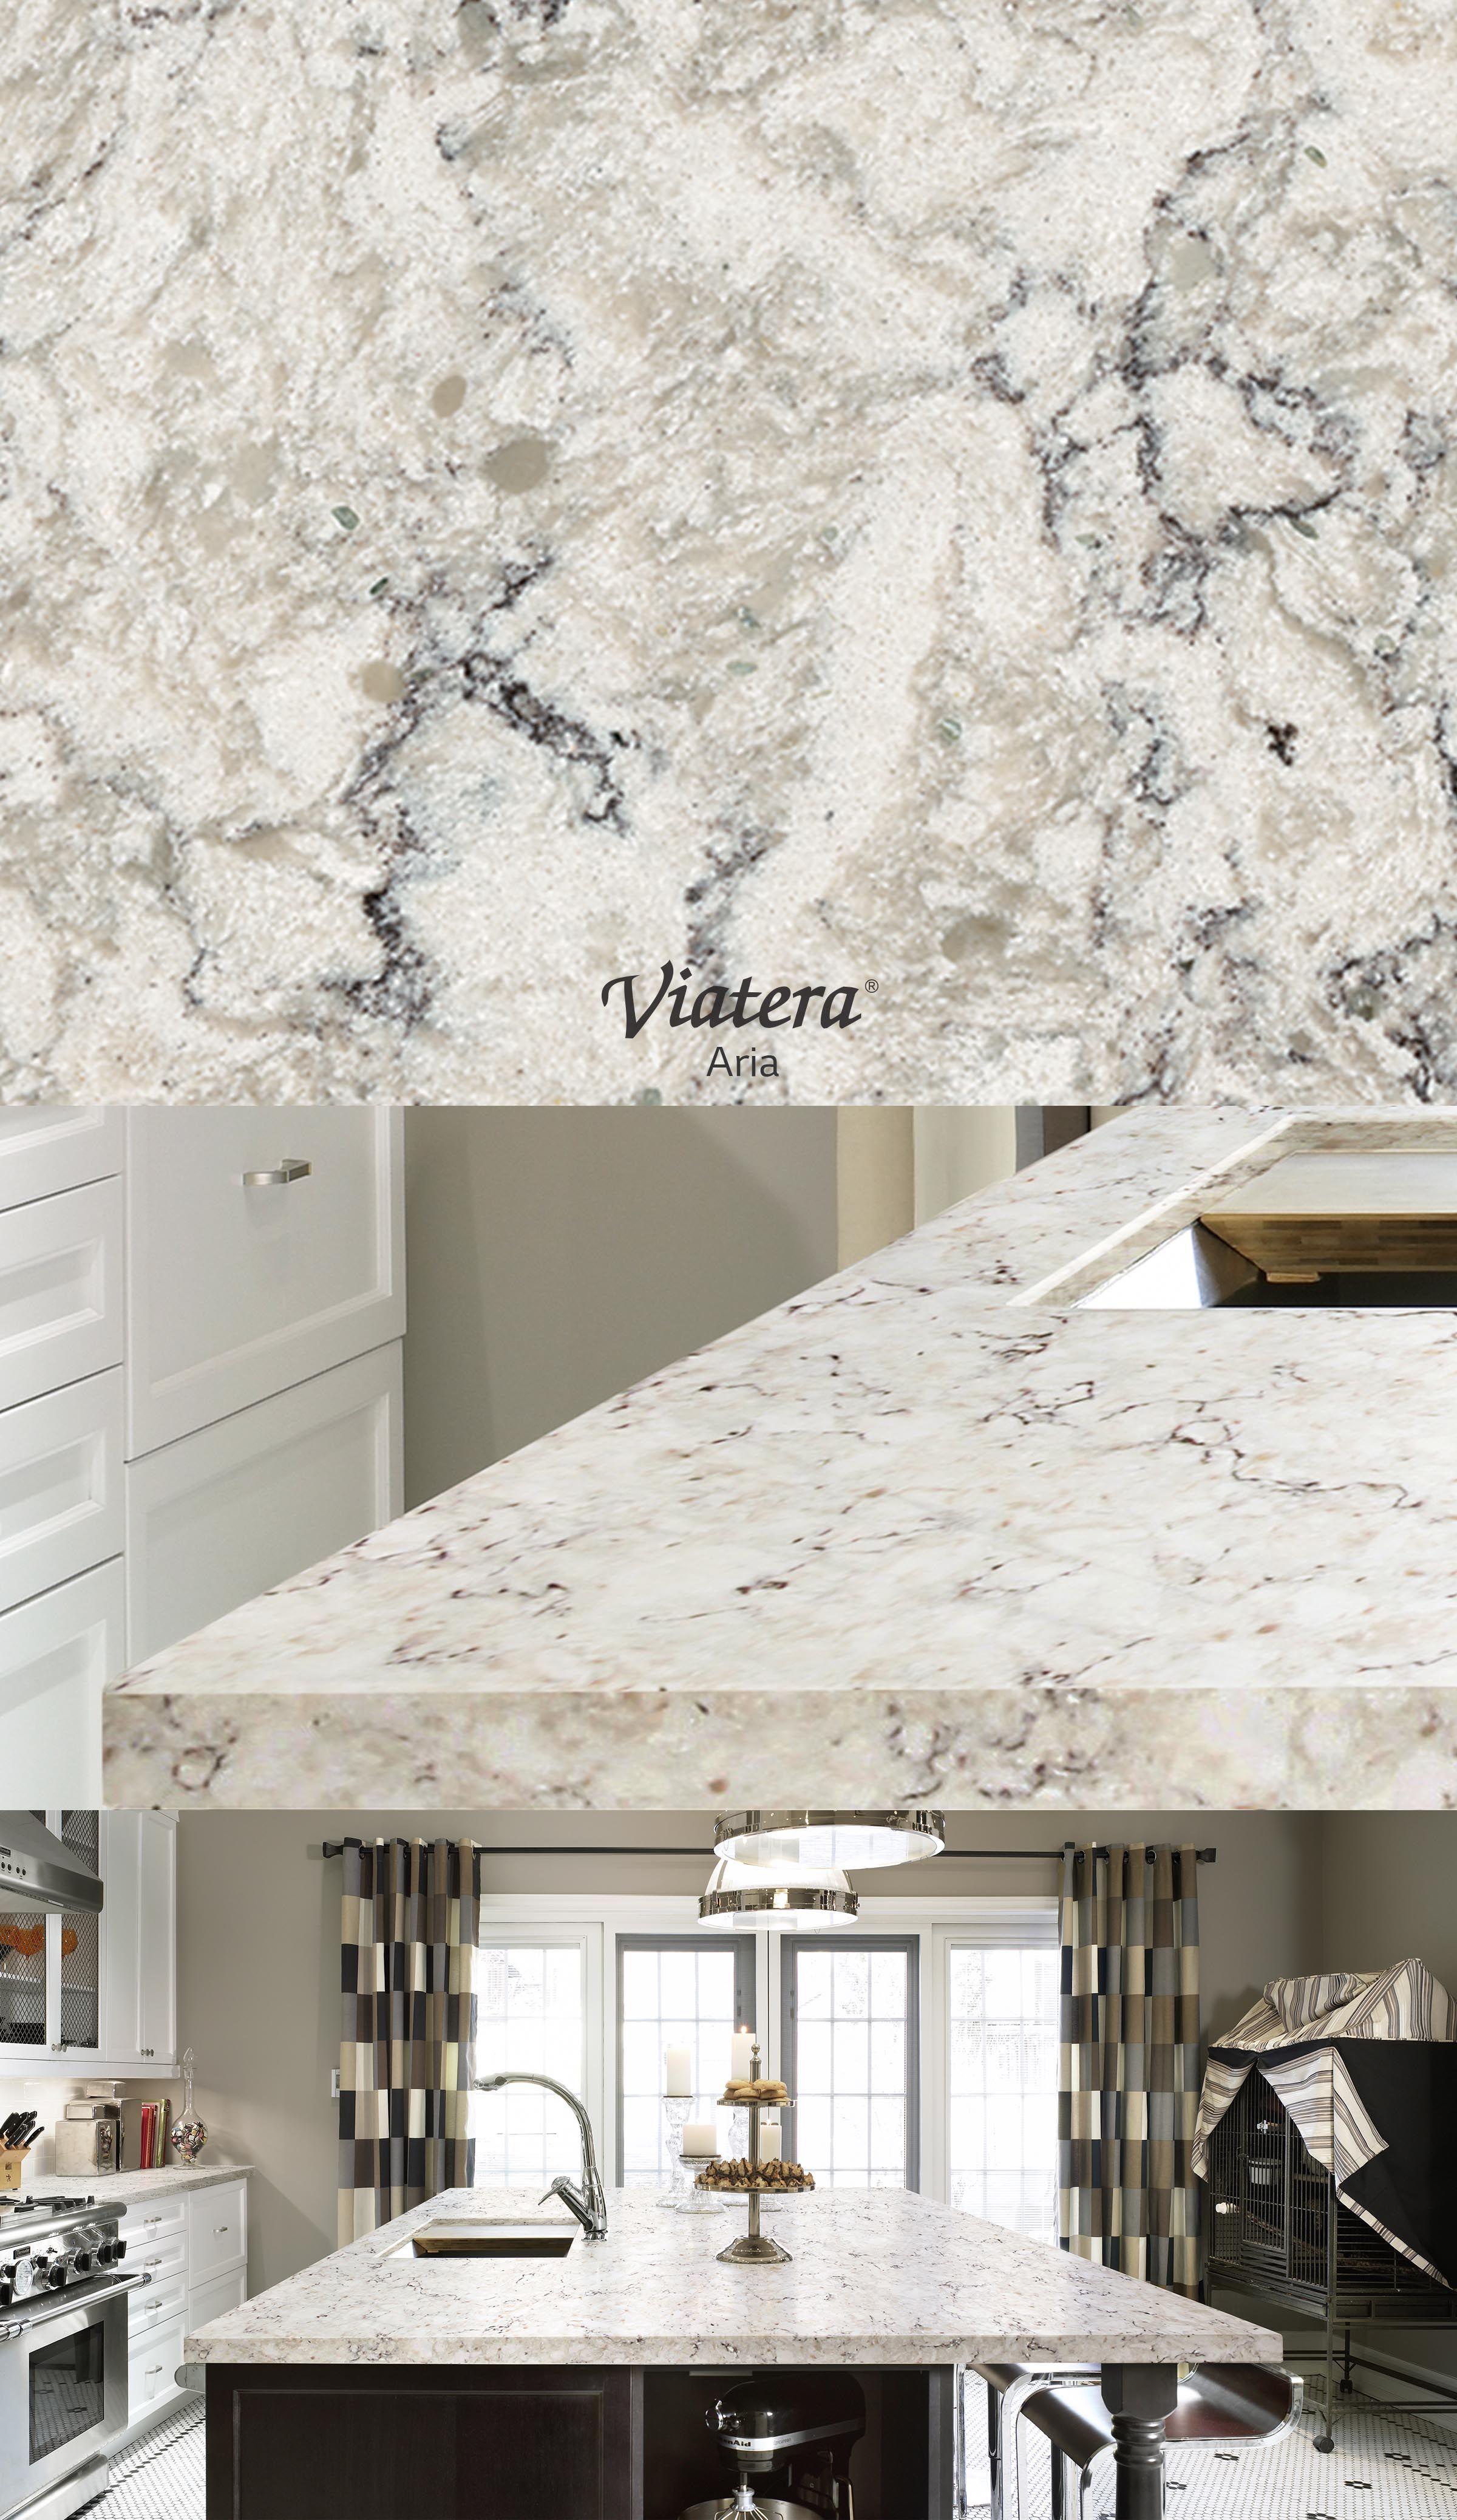 Viatera Aria L Quartz Countertop Quartz Kitchen Countertops